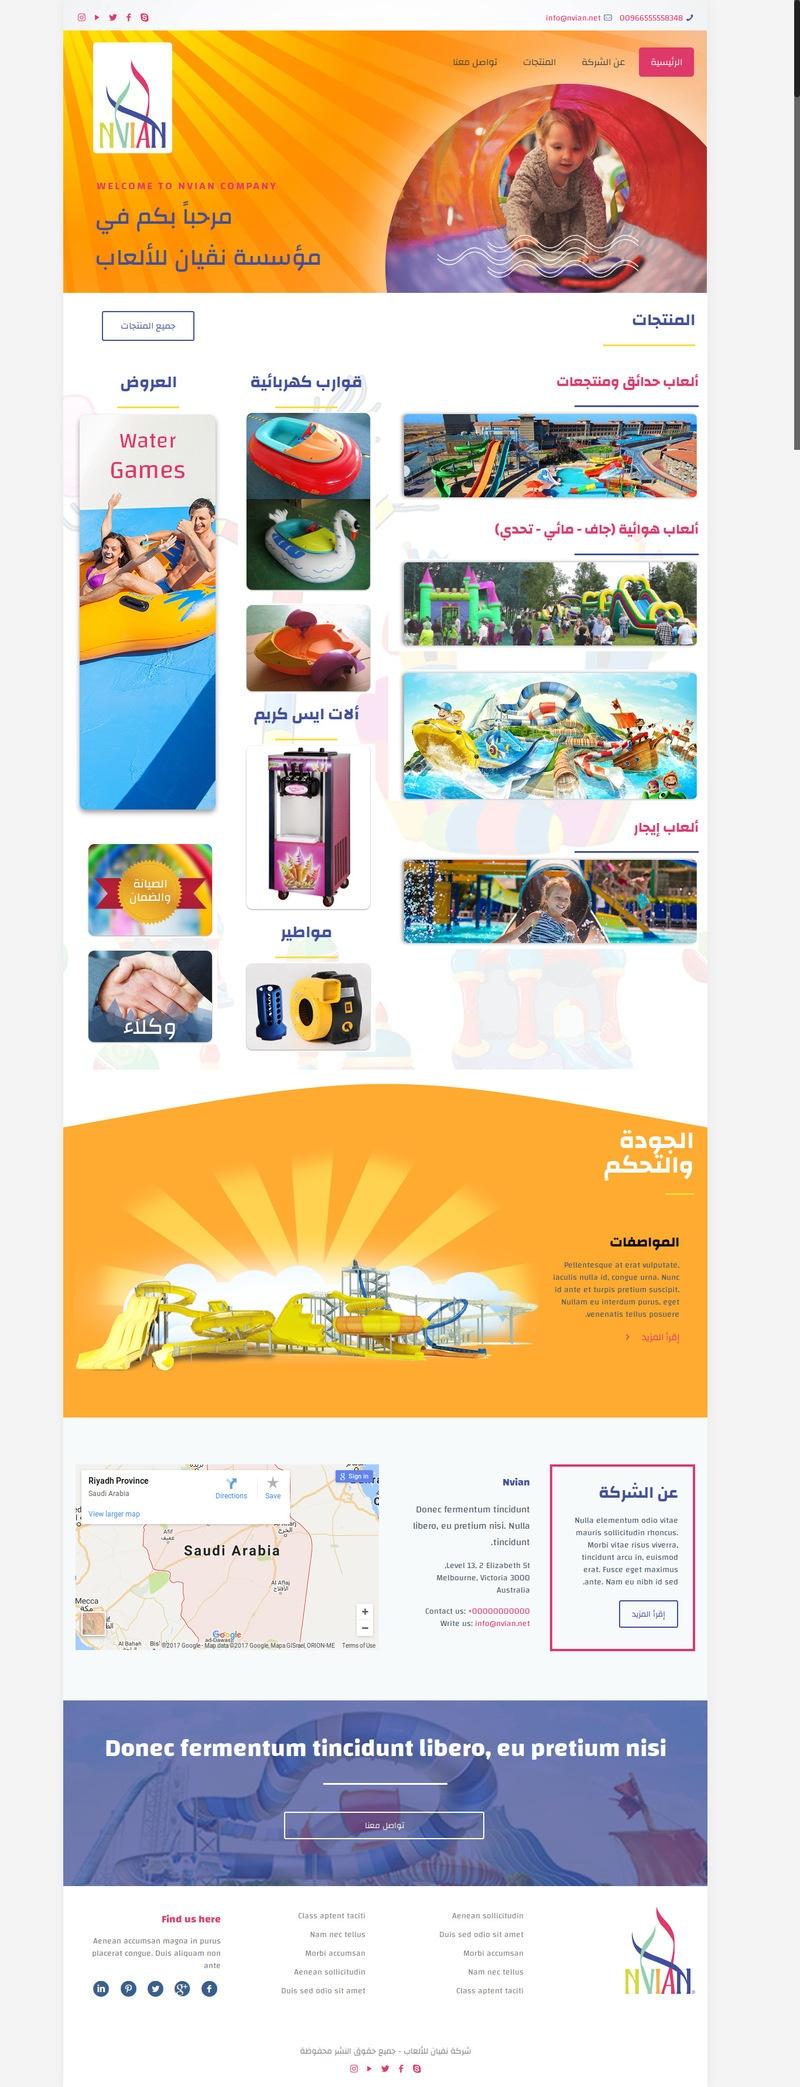 waleed-sayed-Website Design & Development  - Nvian